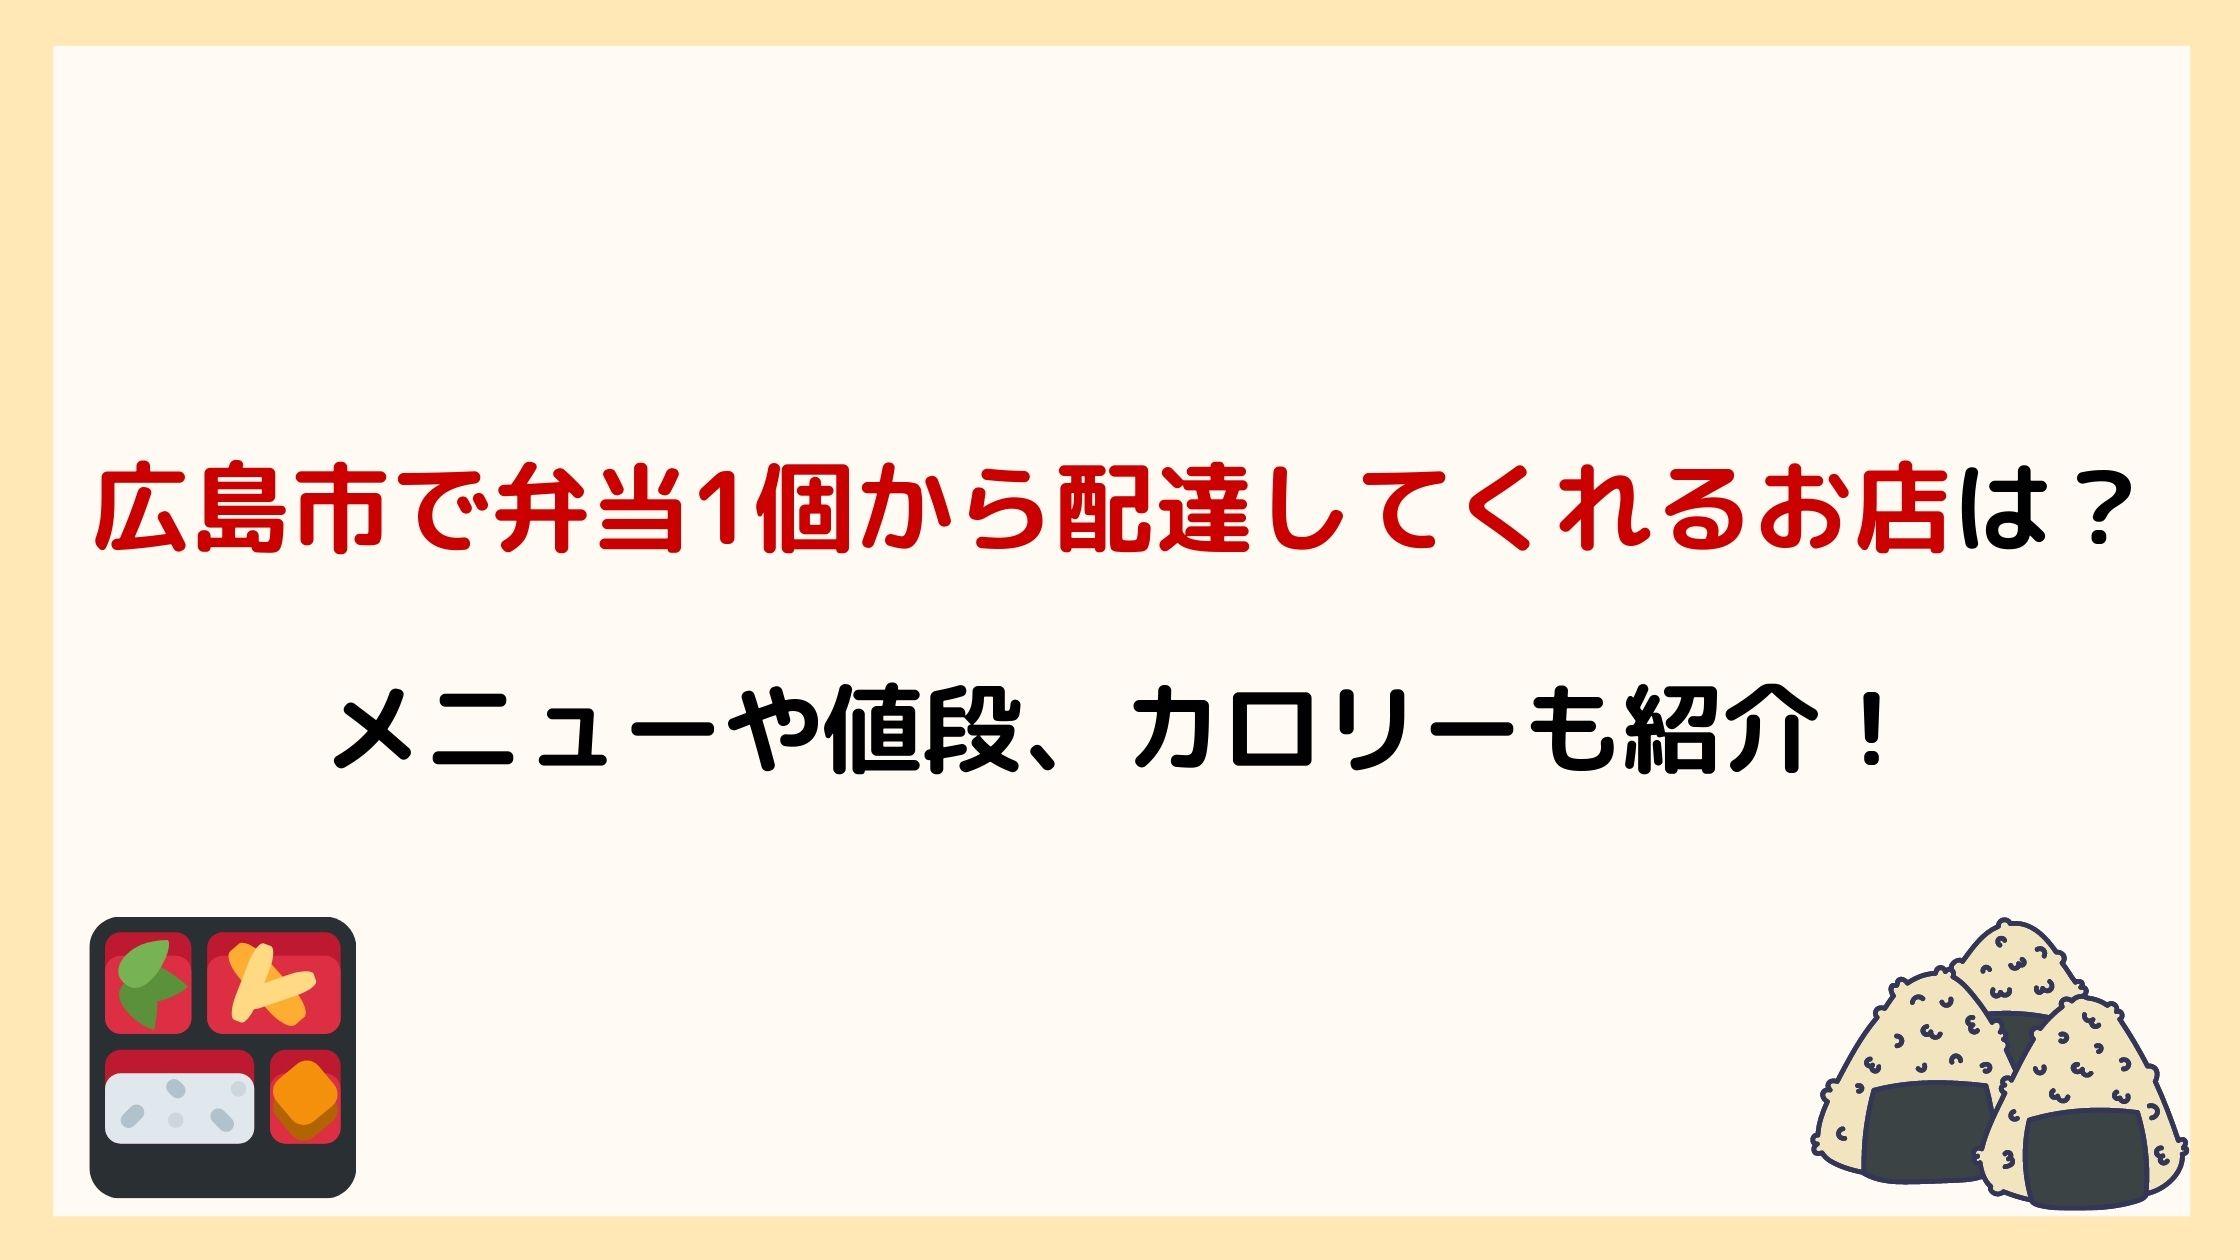 広島市で弁当1個から配達してくれるお店は?メニューや値段、カロリーも紹介!